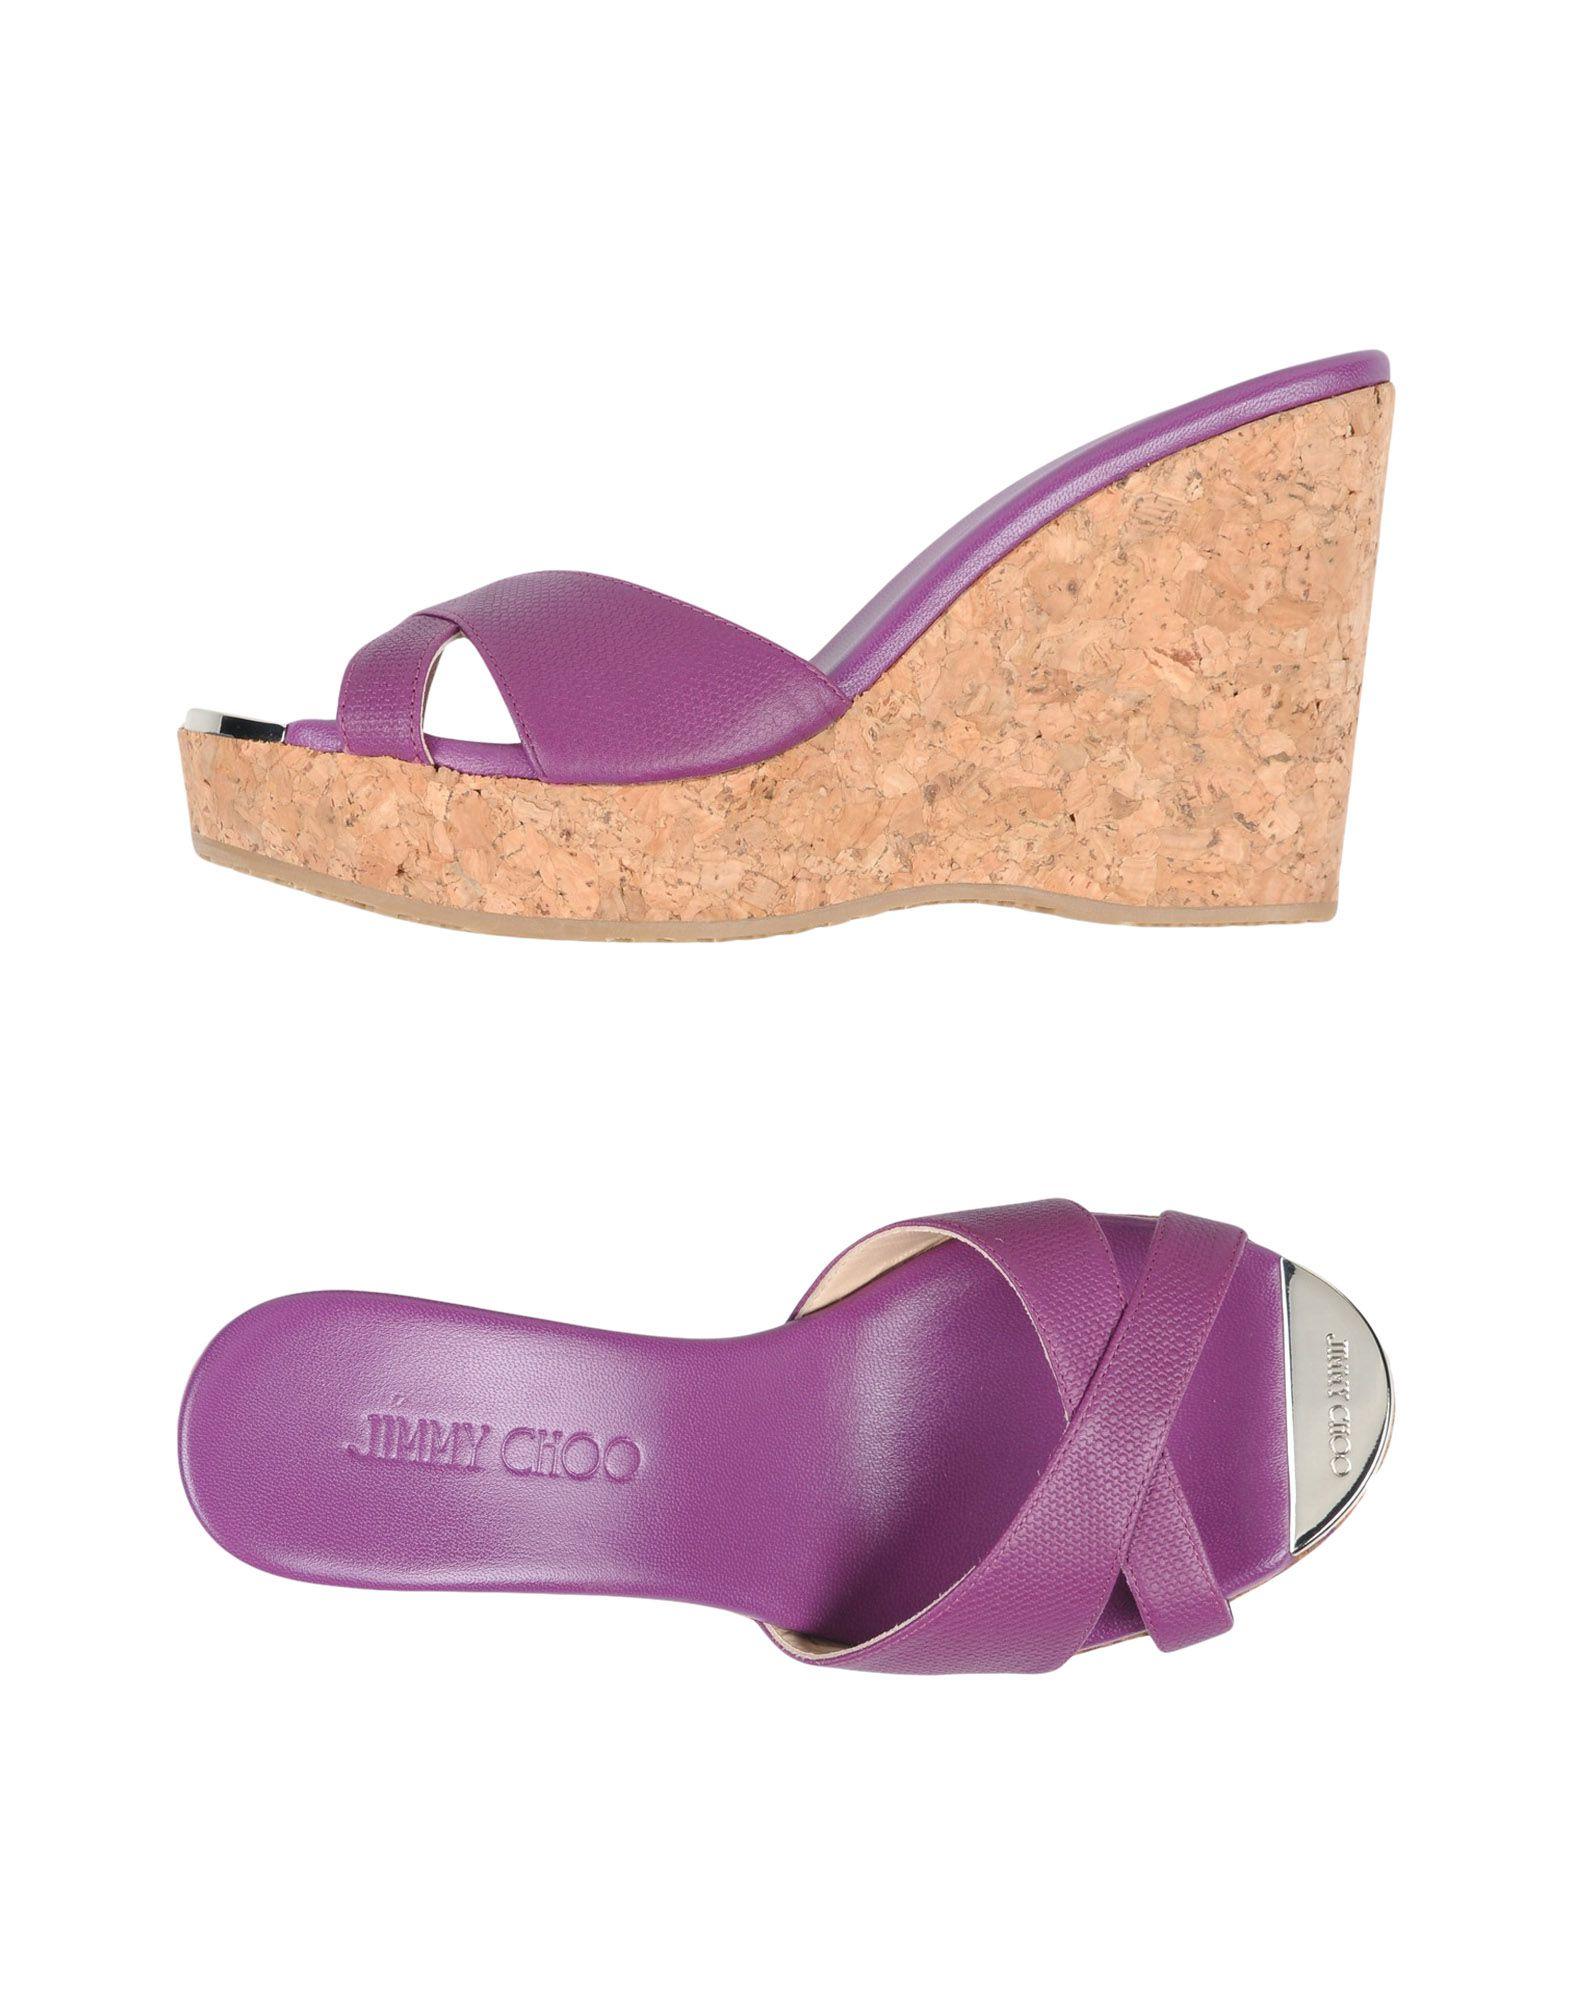 Jimmy Choo 11481440SE Pantoletten Damen  11481440SE Choo Beliebte Schuhe 5f16c2